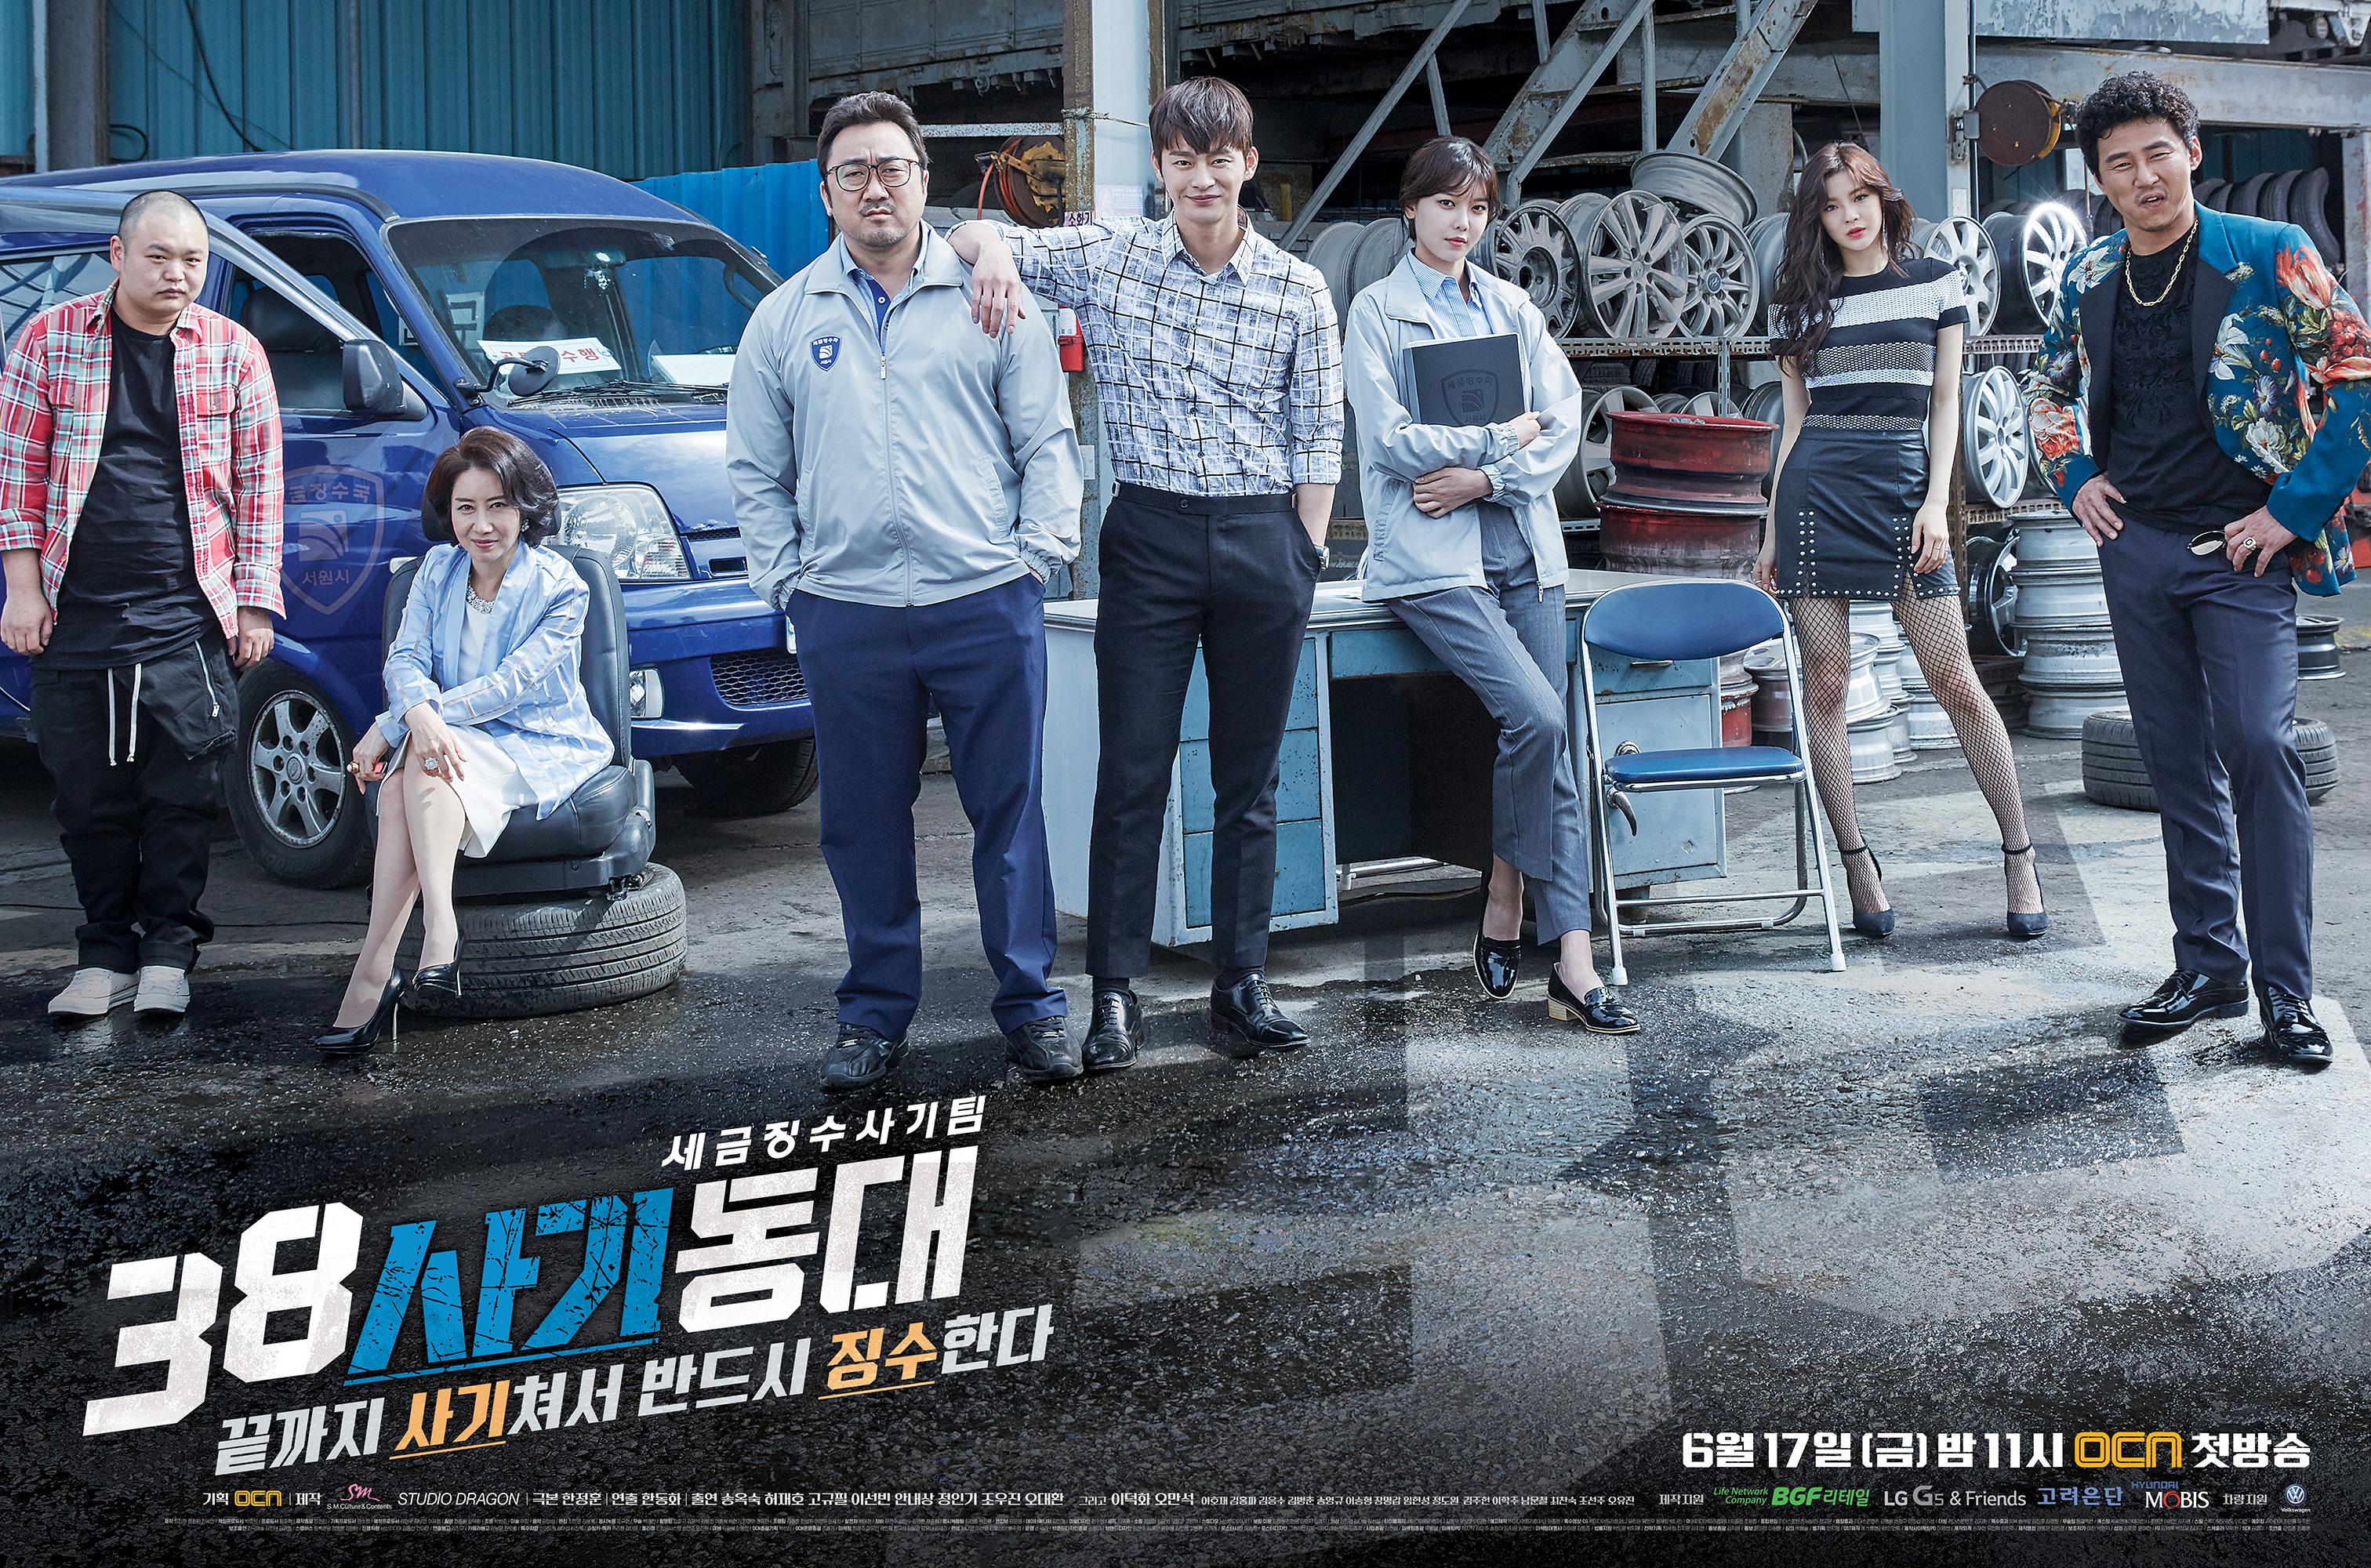 [韓劇] Tax Team 38 (38 사기동대) (2016) TNVL8RWI86R951ED29BI